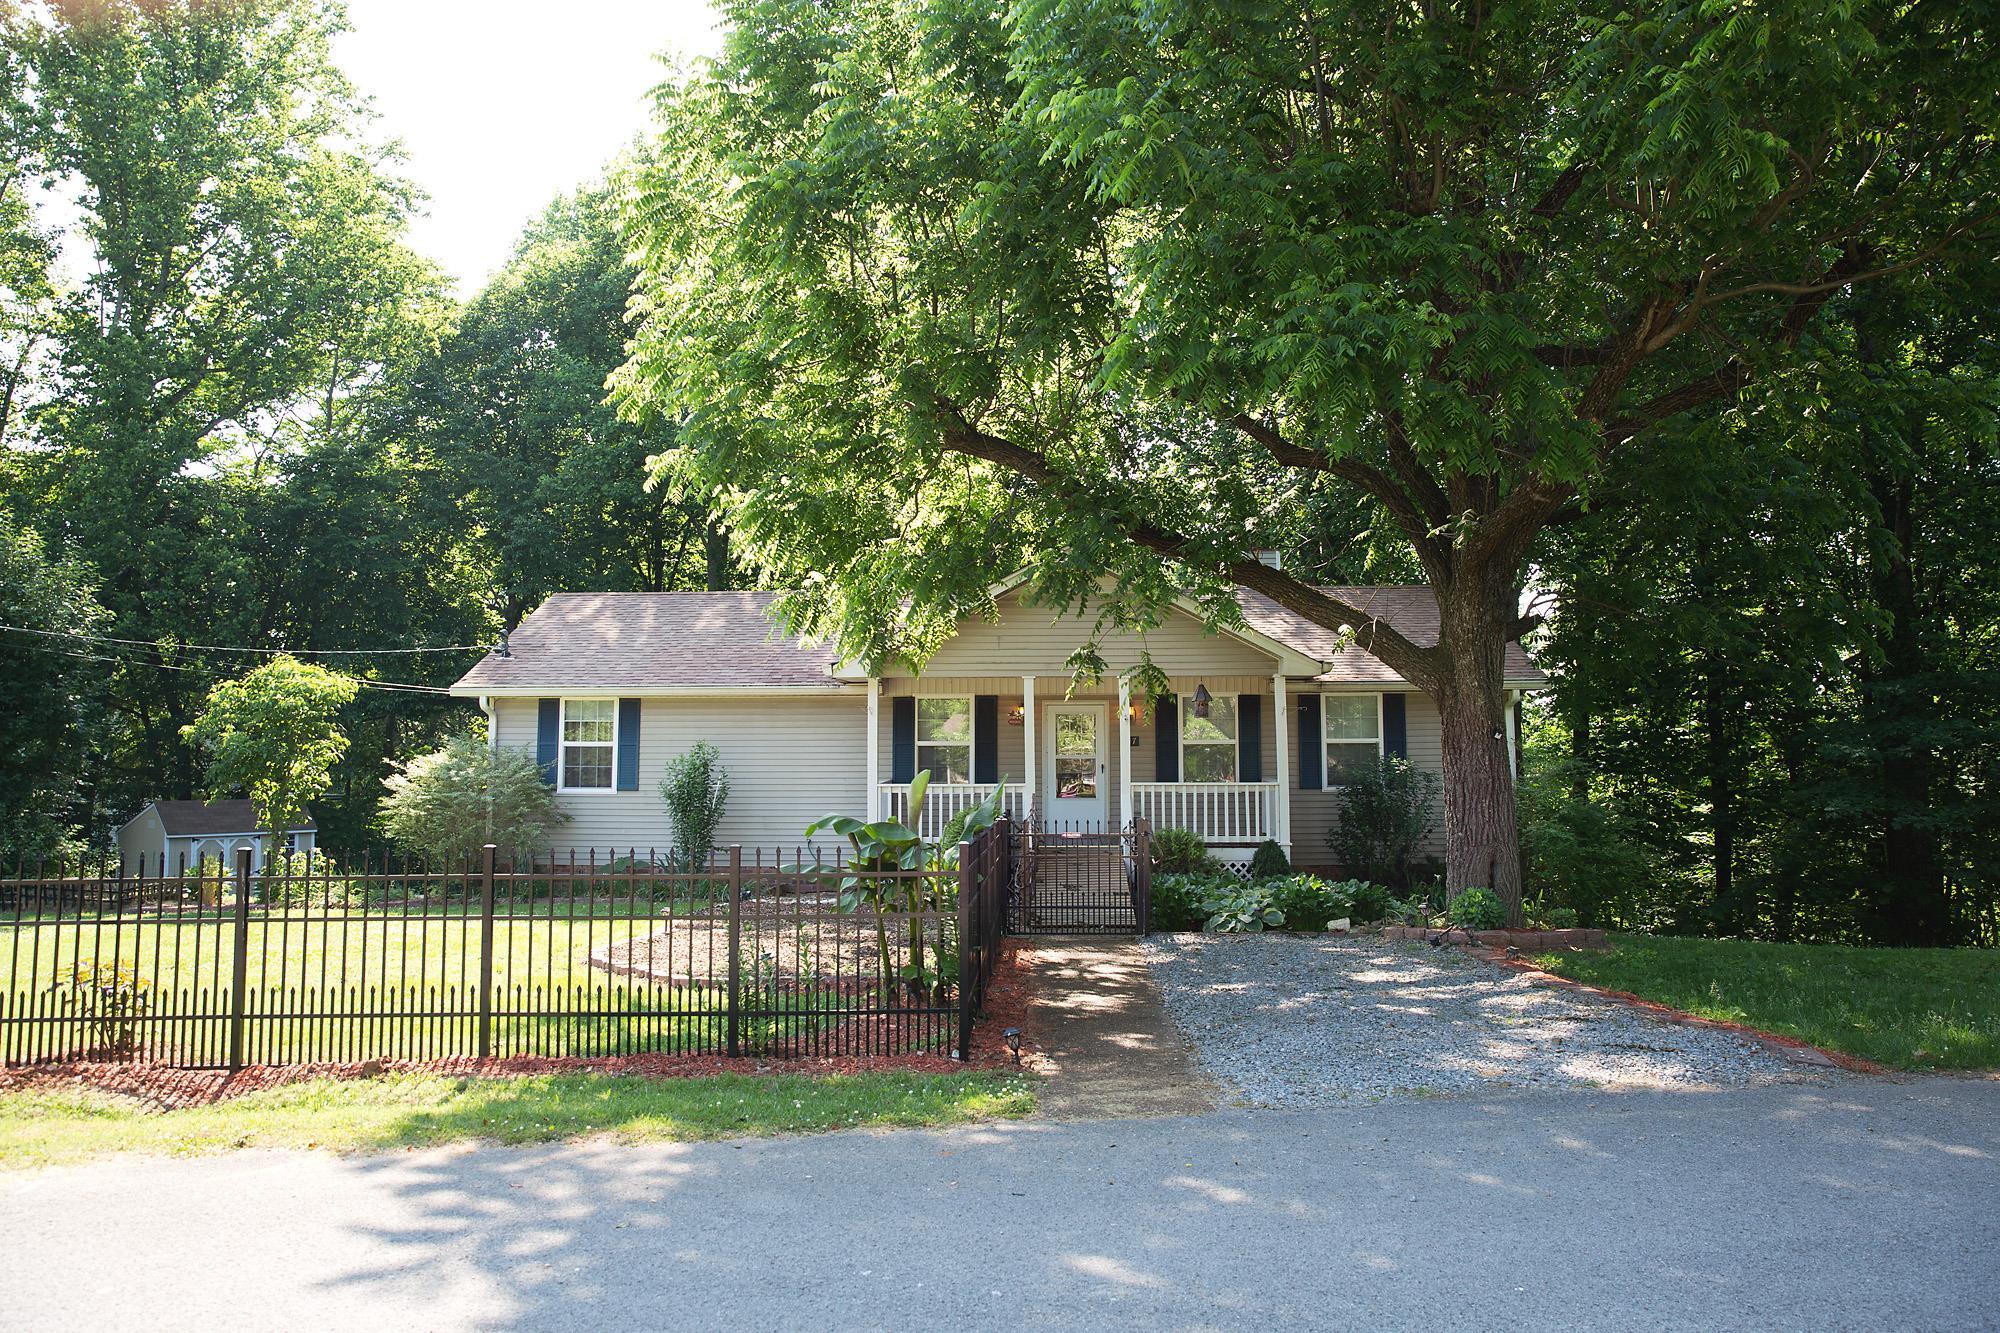 147 Oak Forest Dr, Goodlettsville, TN 37072 - Goodlettsville, TN real estate listing